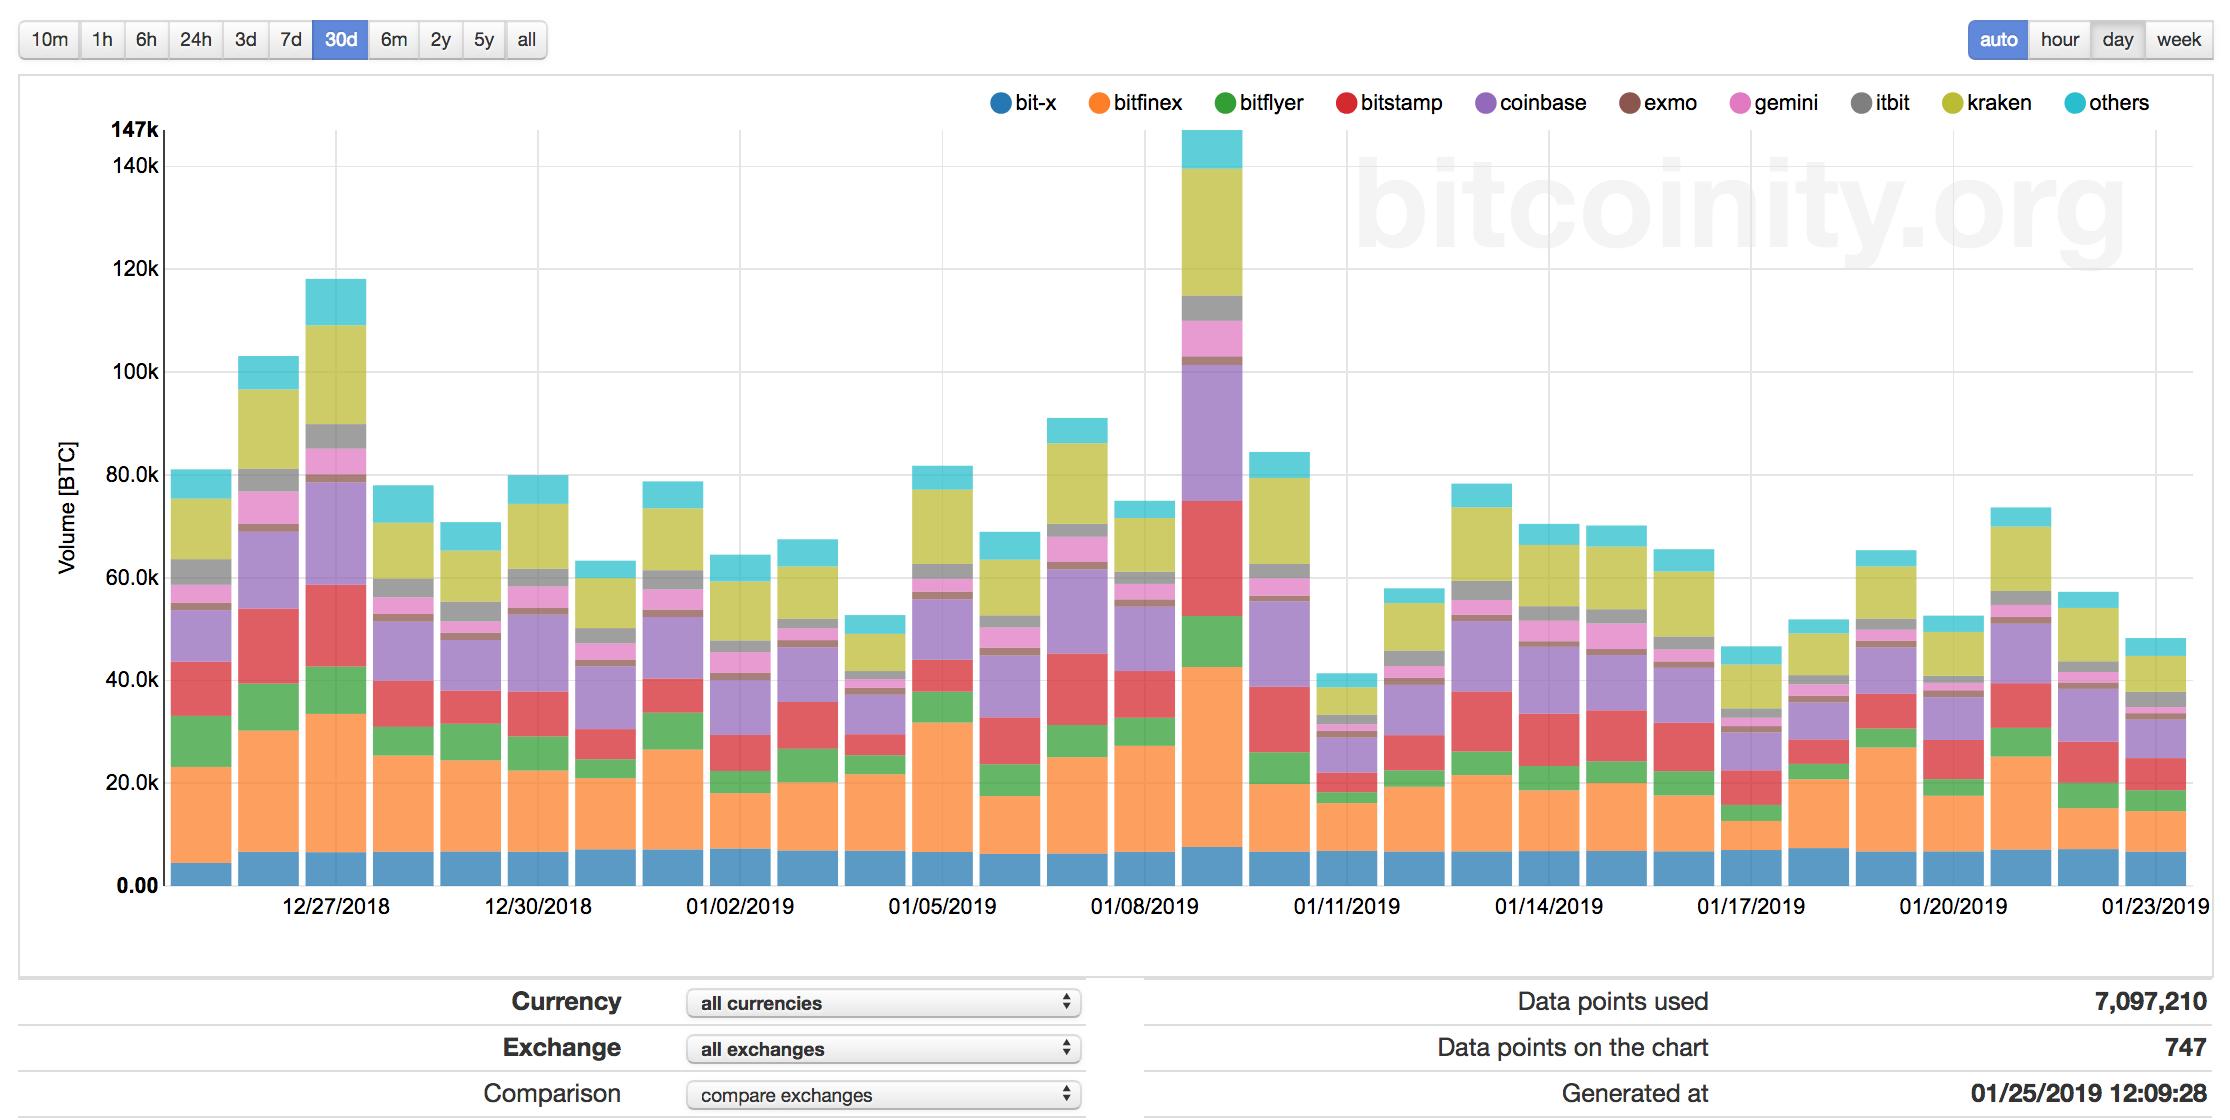 Bitcoin trading volume bitcoinity